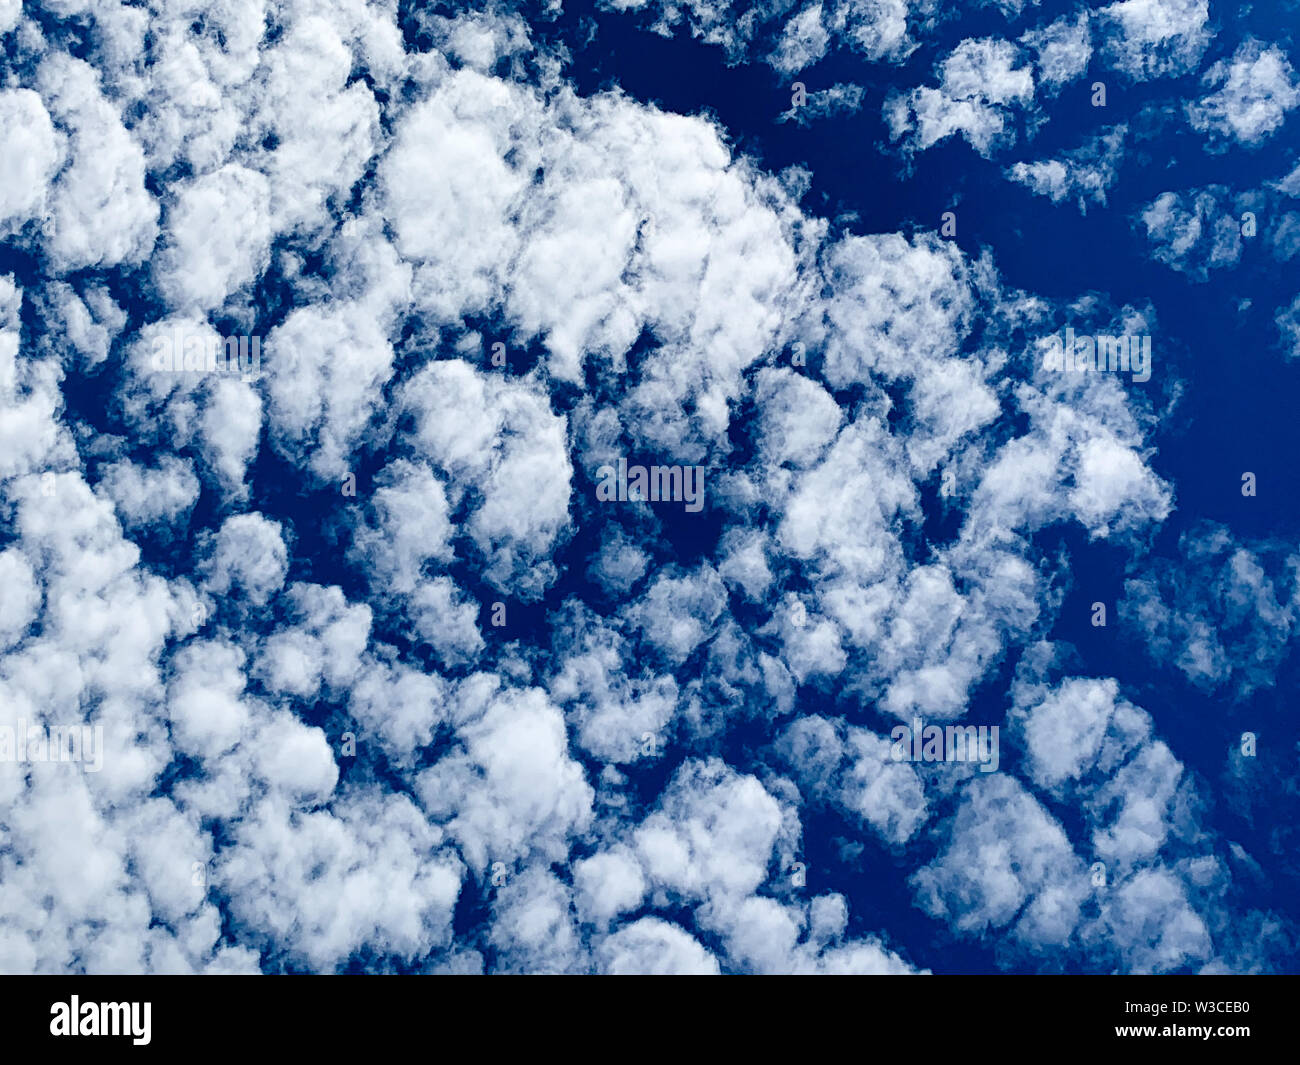 - Wolken sind Kleine abgerundete Puffs, die in der Regel in langen Reihen hoch am Himmel erscheinen. - Sind in der Regel weiß, aber manchmal erscheinen gra Stockbild